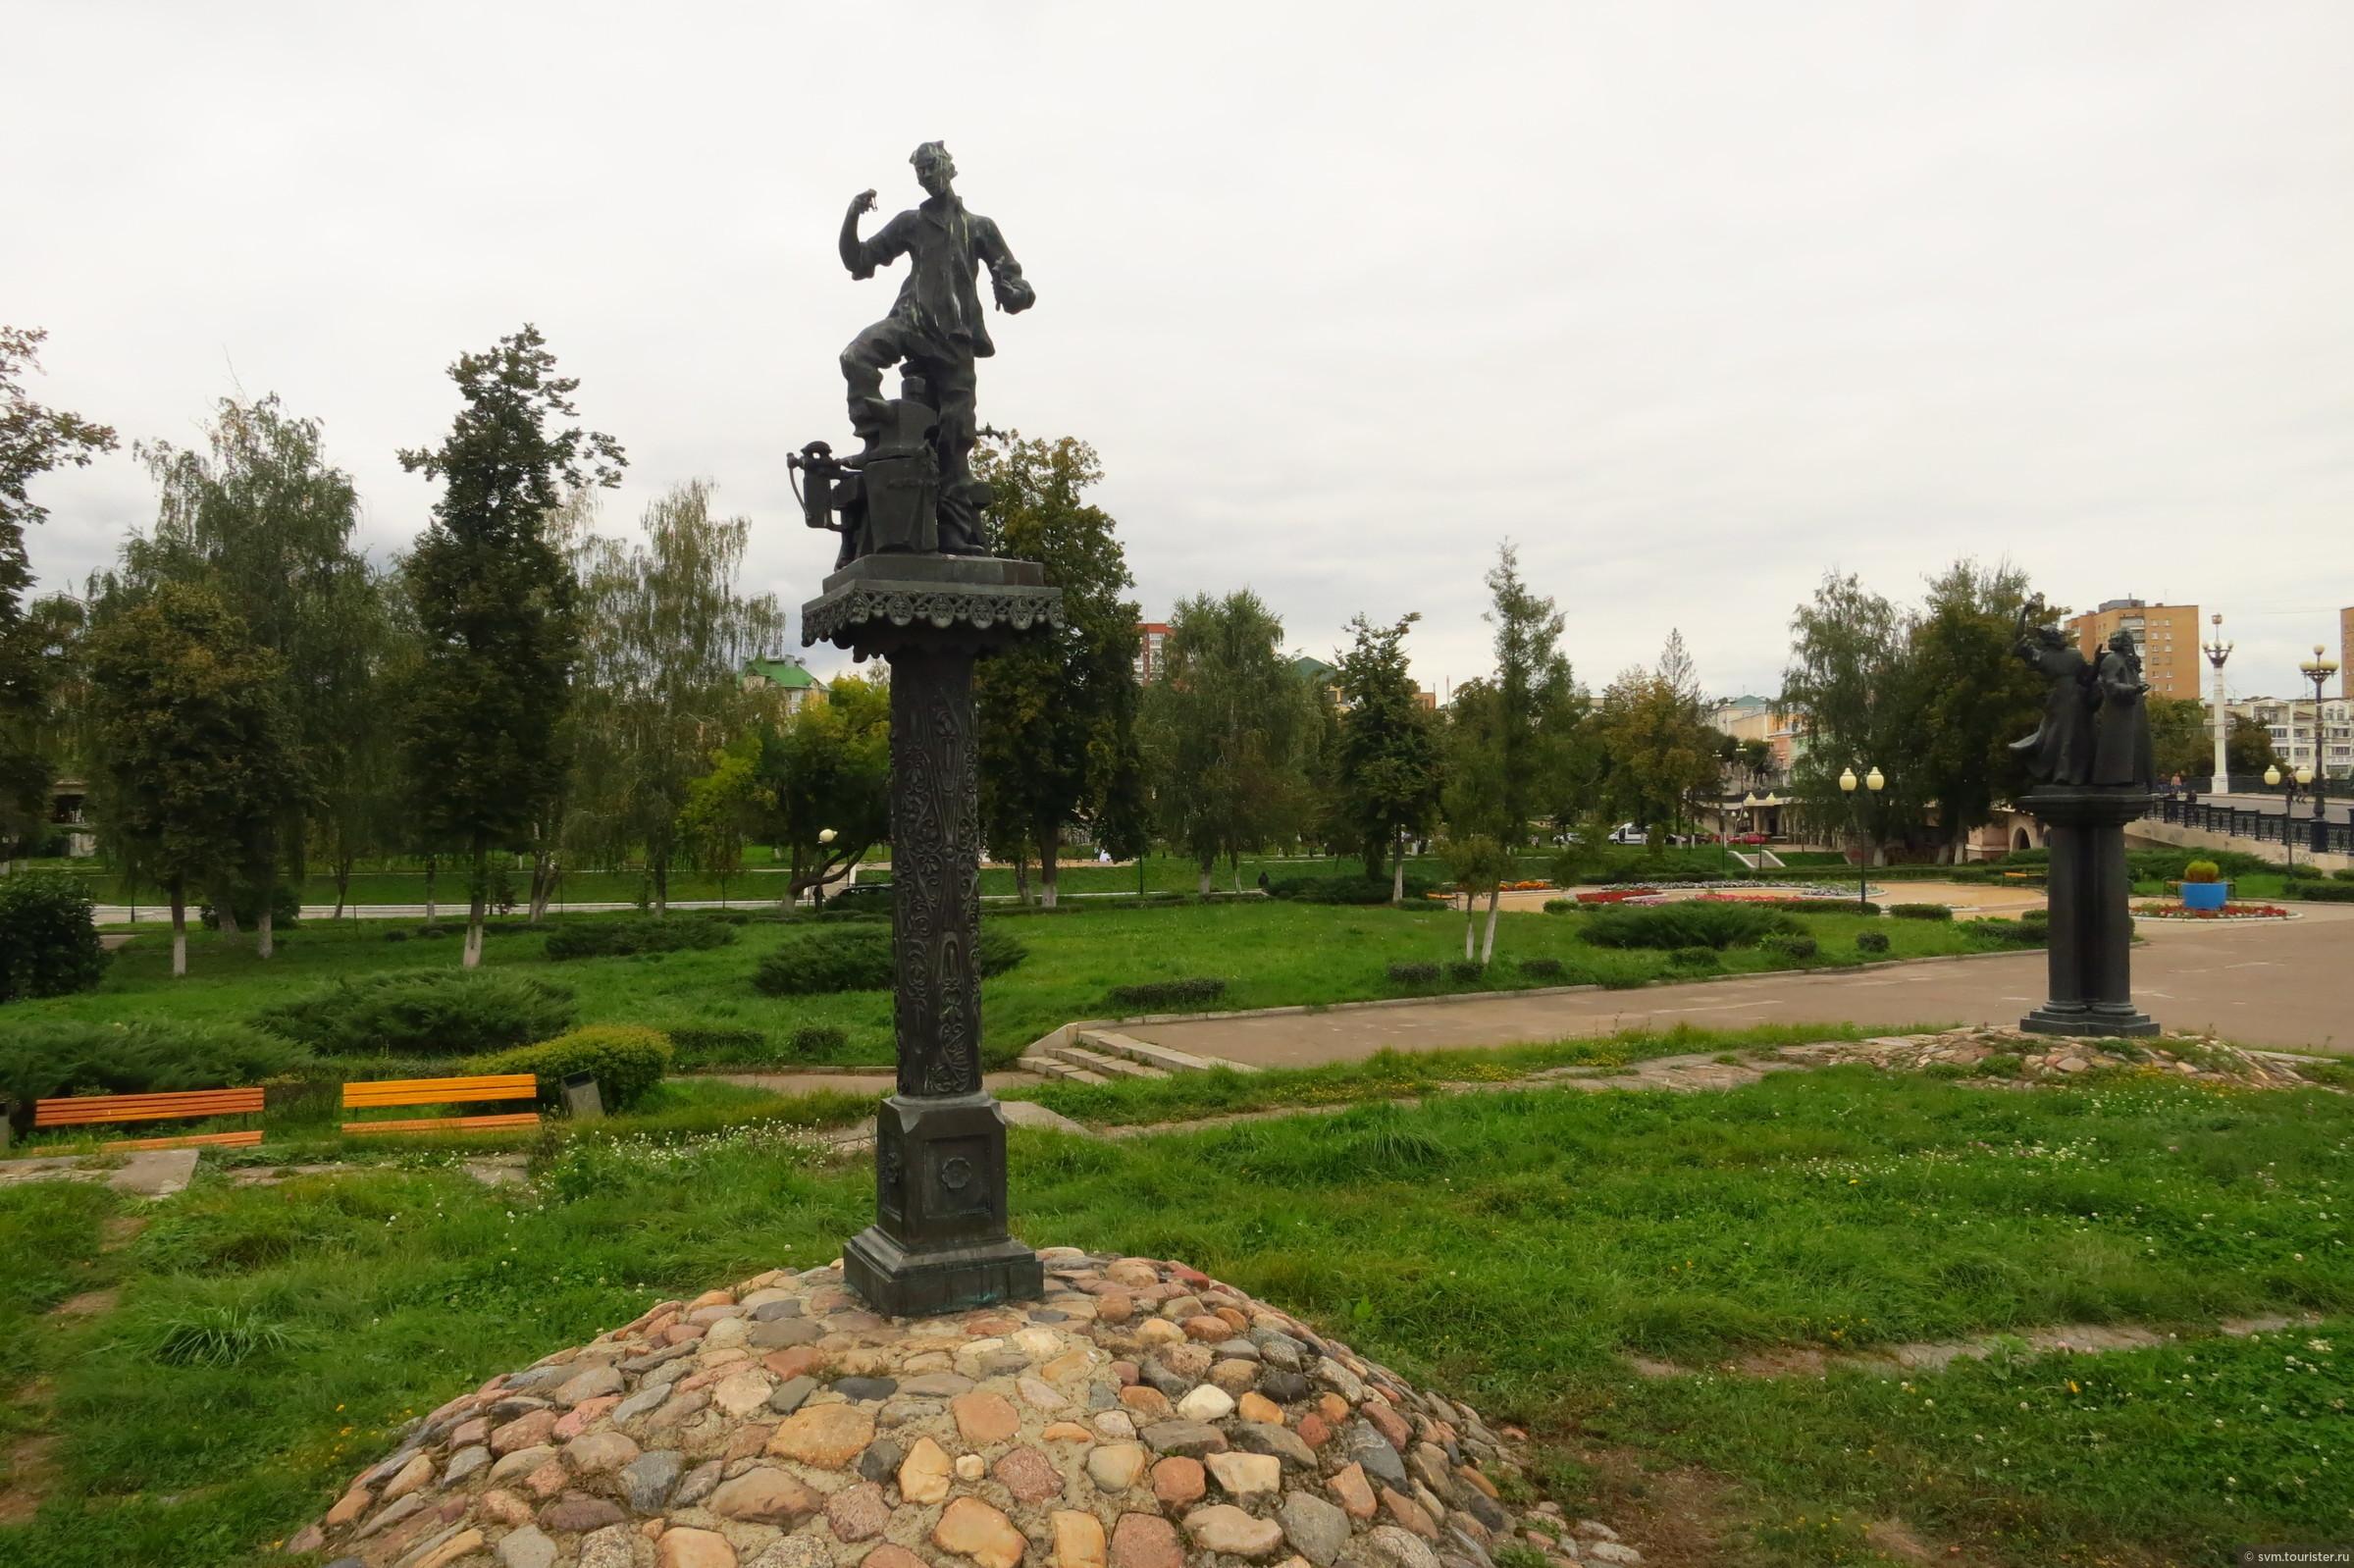 памятник лескову в орле картинка